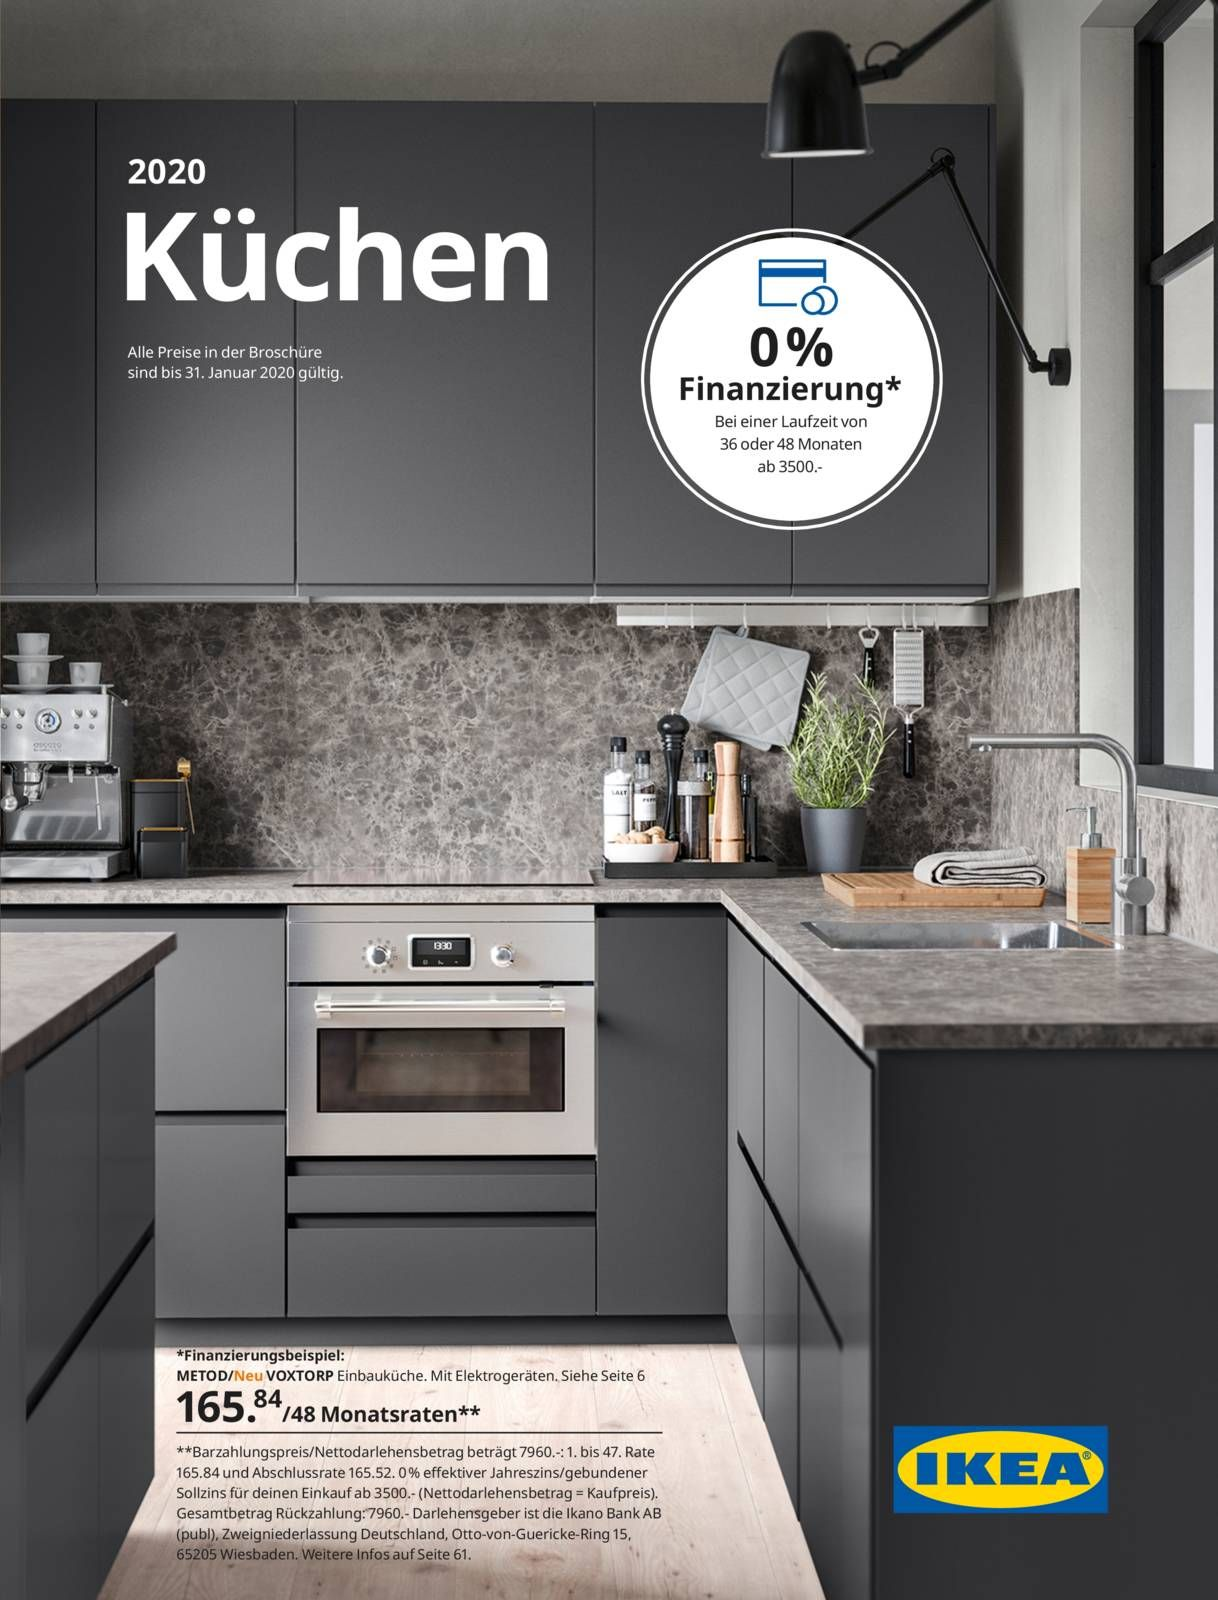 Ikea Küchen Angebote